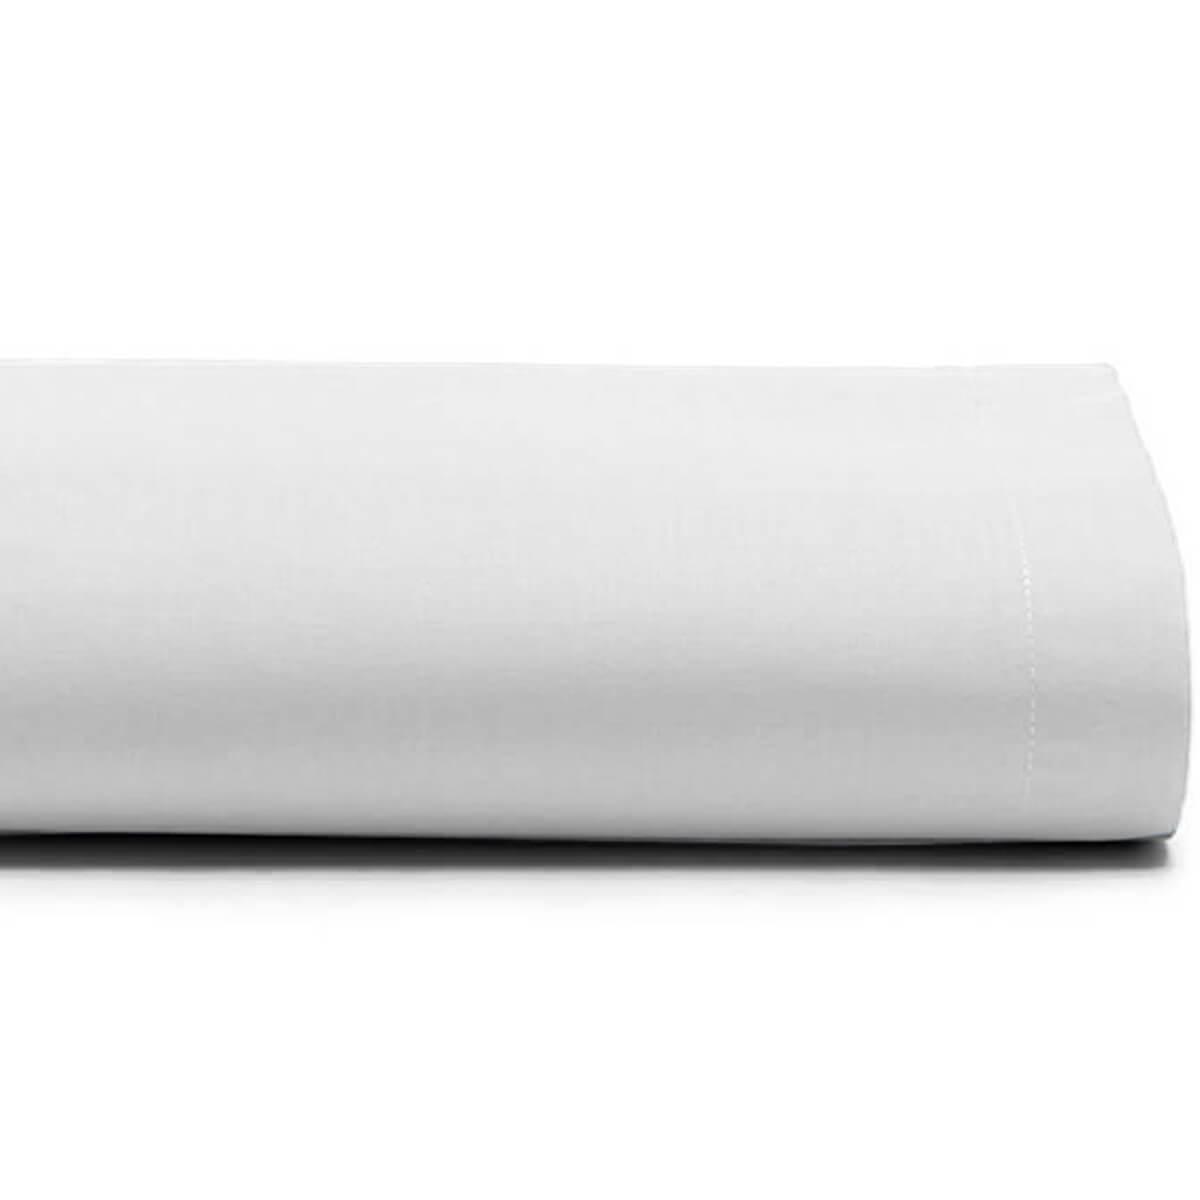 Lençol Casal Avulso 100% Algodão Royal Liso Branco